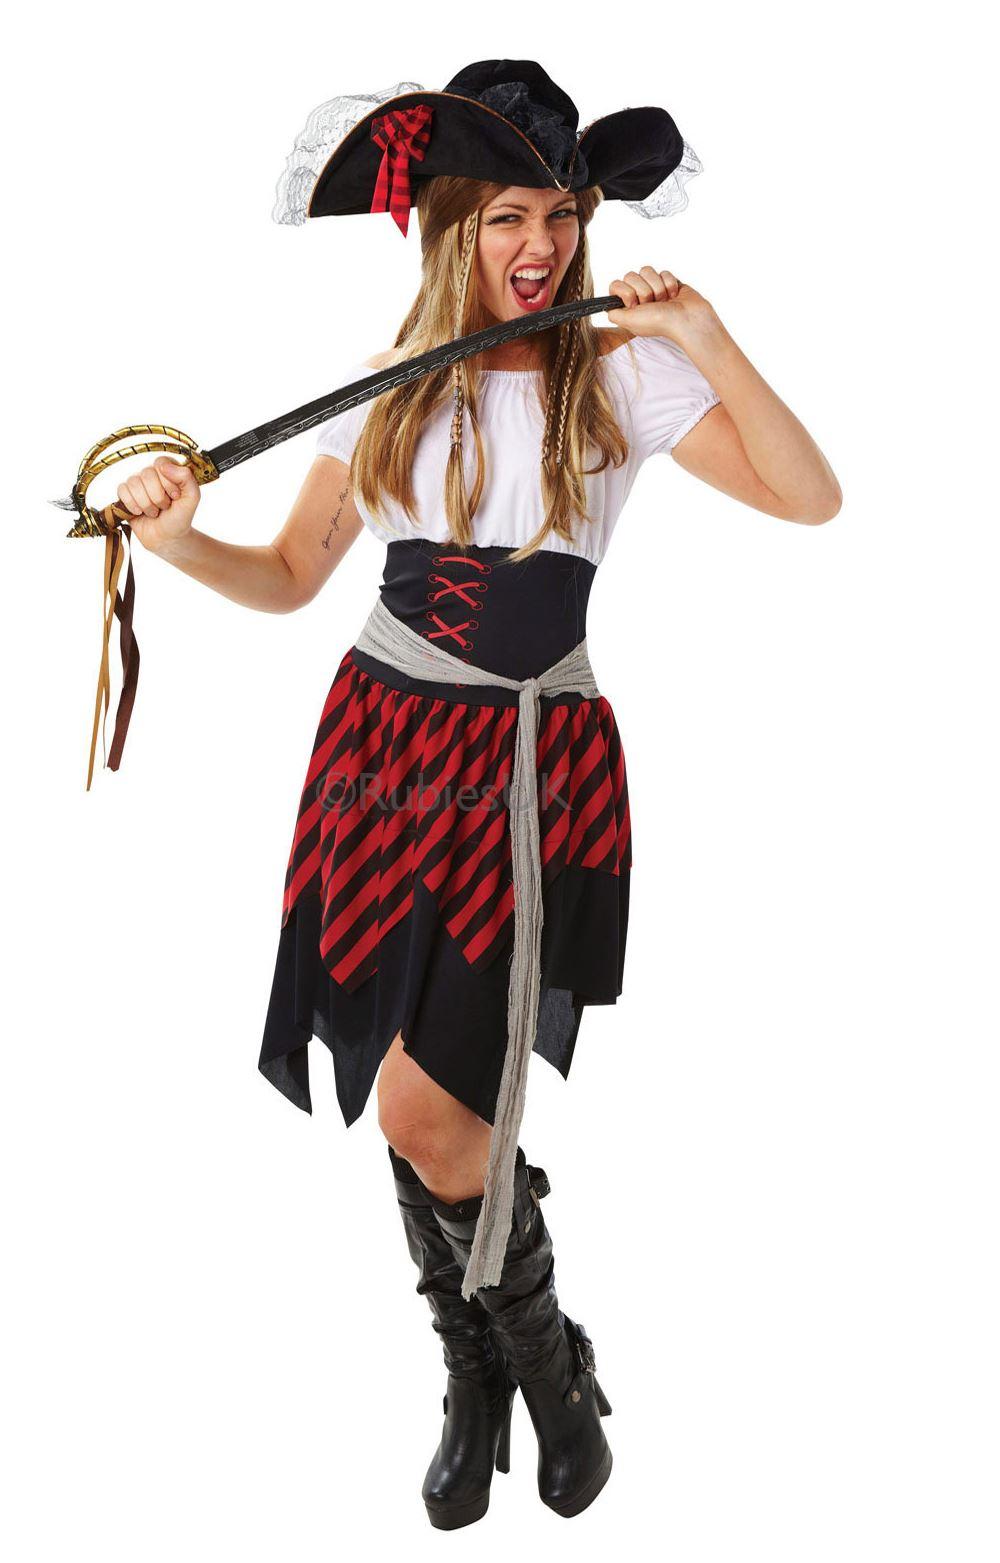 Mujer-BUCANERO-PIRATA-SIRVIENTA-del-Caribe-Marinero-Disfraz-Mujer-Disfraz